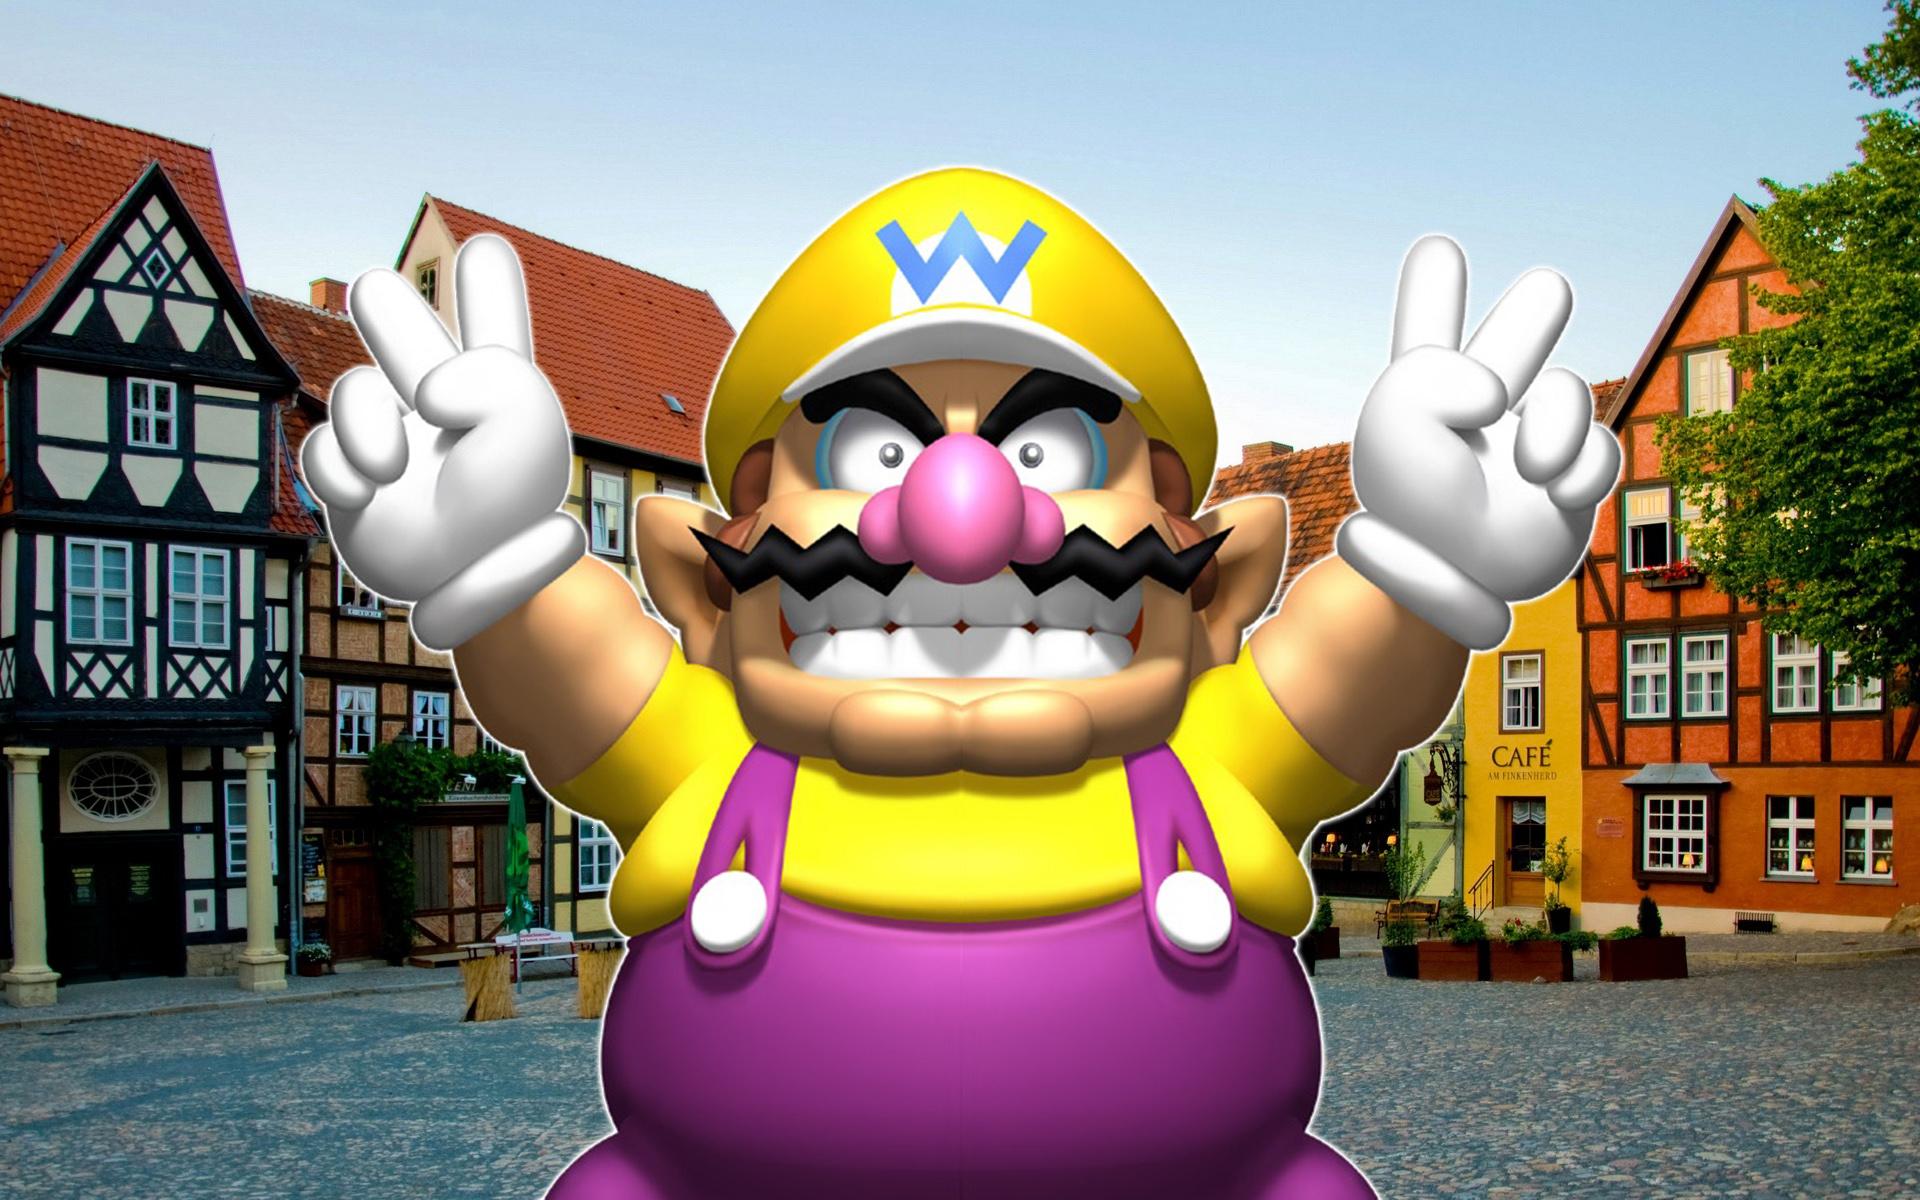 15 фактов из мира видеоигр, о которых знают только избранные геймеры. А теперь и вы